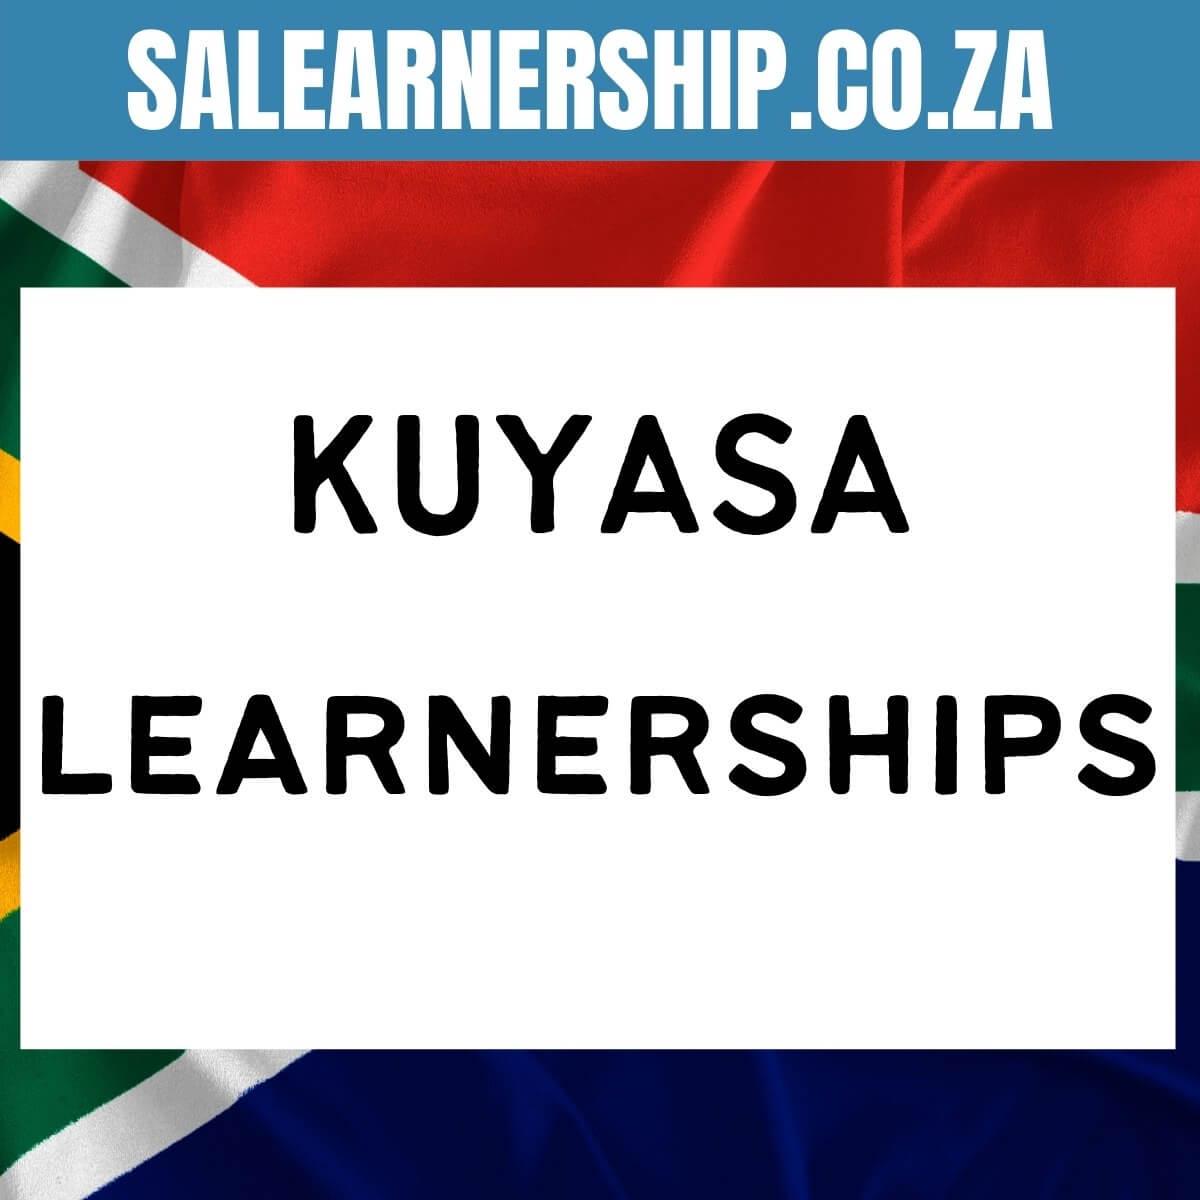 kuyasa learnerships